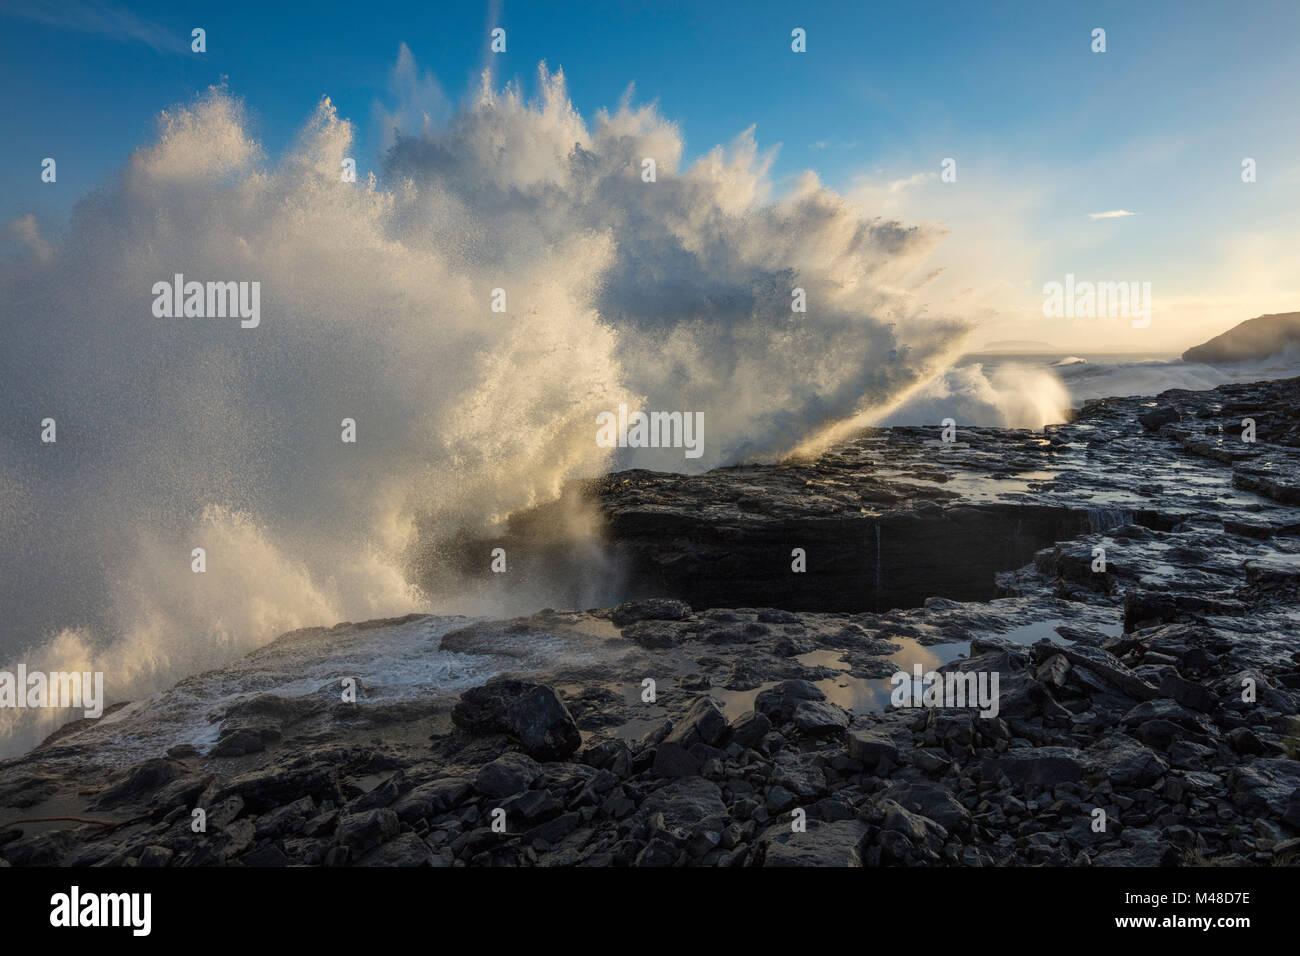 Vague se brisant sur le rivage à Easky, Comté de Sligo, Irlande. Photo Stock